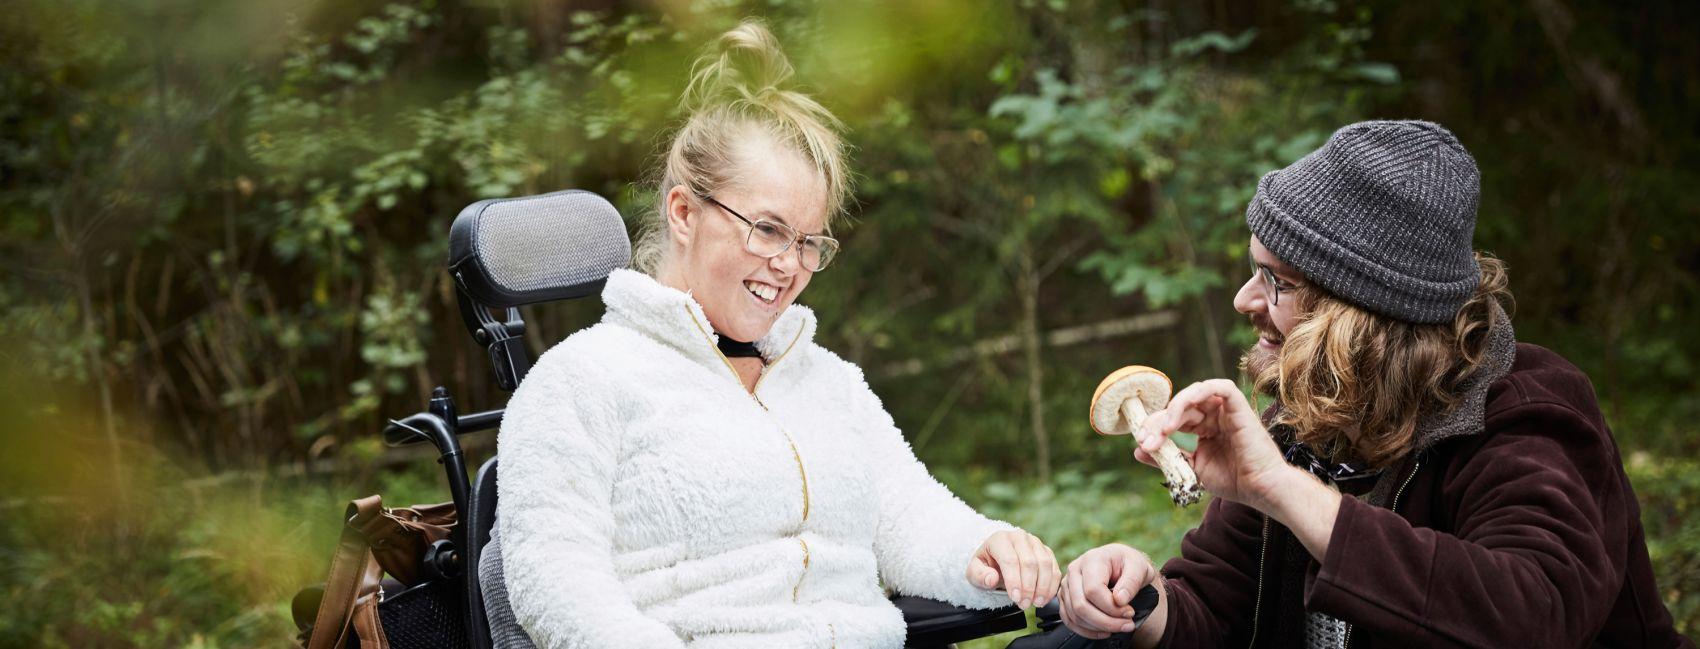 Stendi assistent som bistår ung kvinne med funksjonsnedsettelse